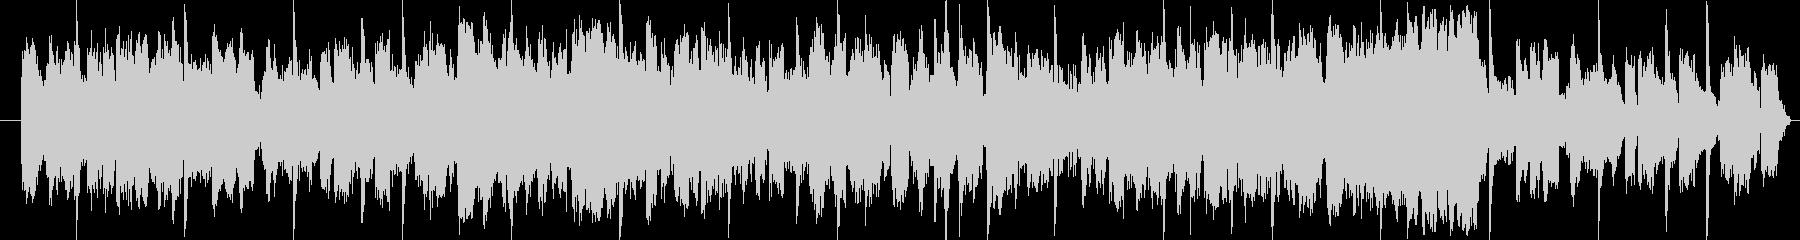 女性の声が印象的なおしゃれな15秒BGMの未再生の波形